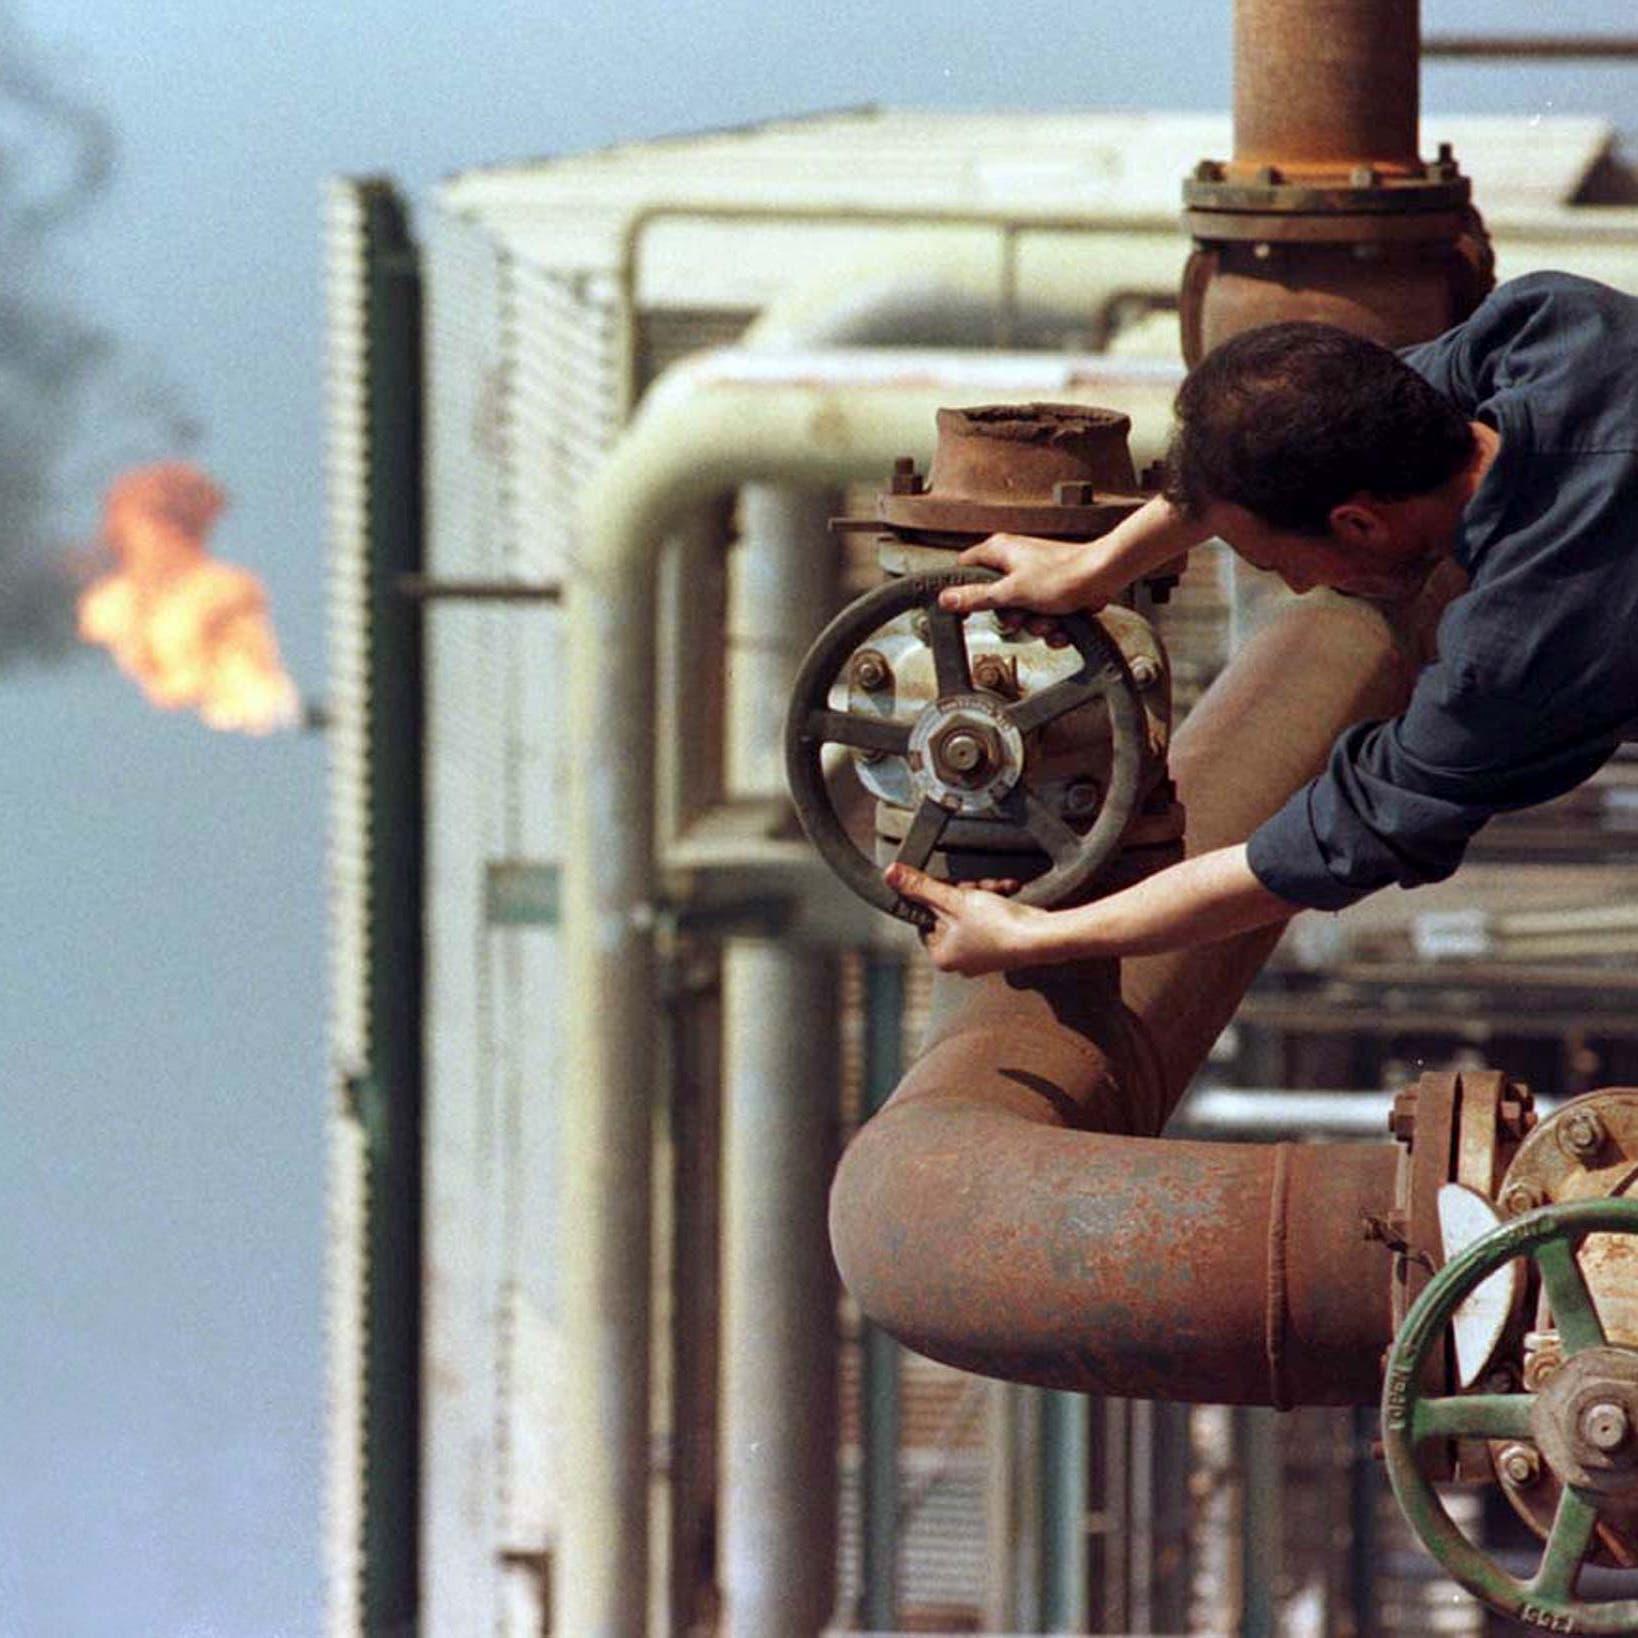 سومو تكشف عن شروطها المعتمدة لبيع النفط العراقي إلى الشركات العالمية